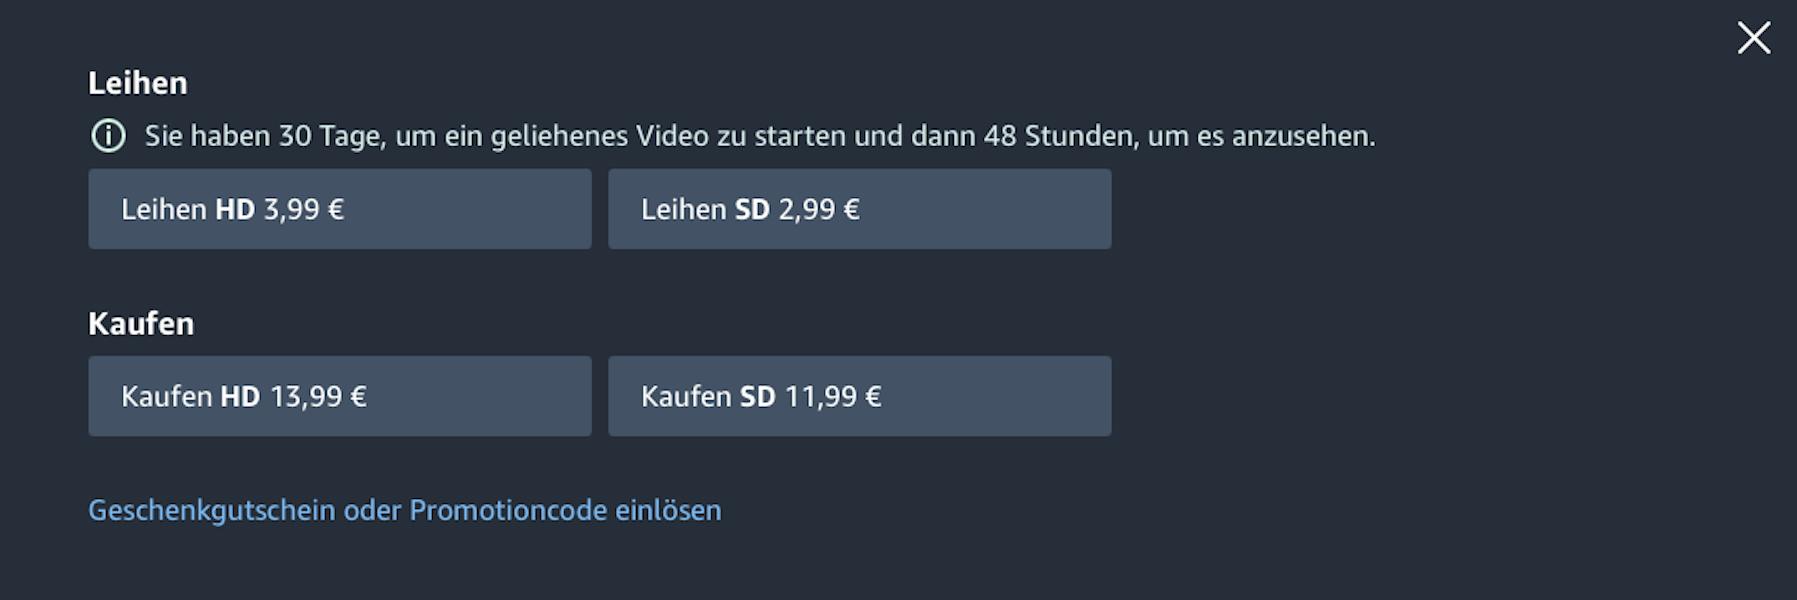 Filme kaufen und leihen bei Amazon Prime